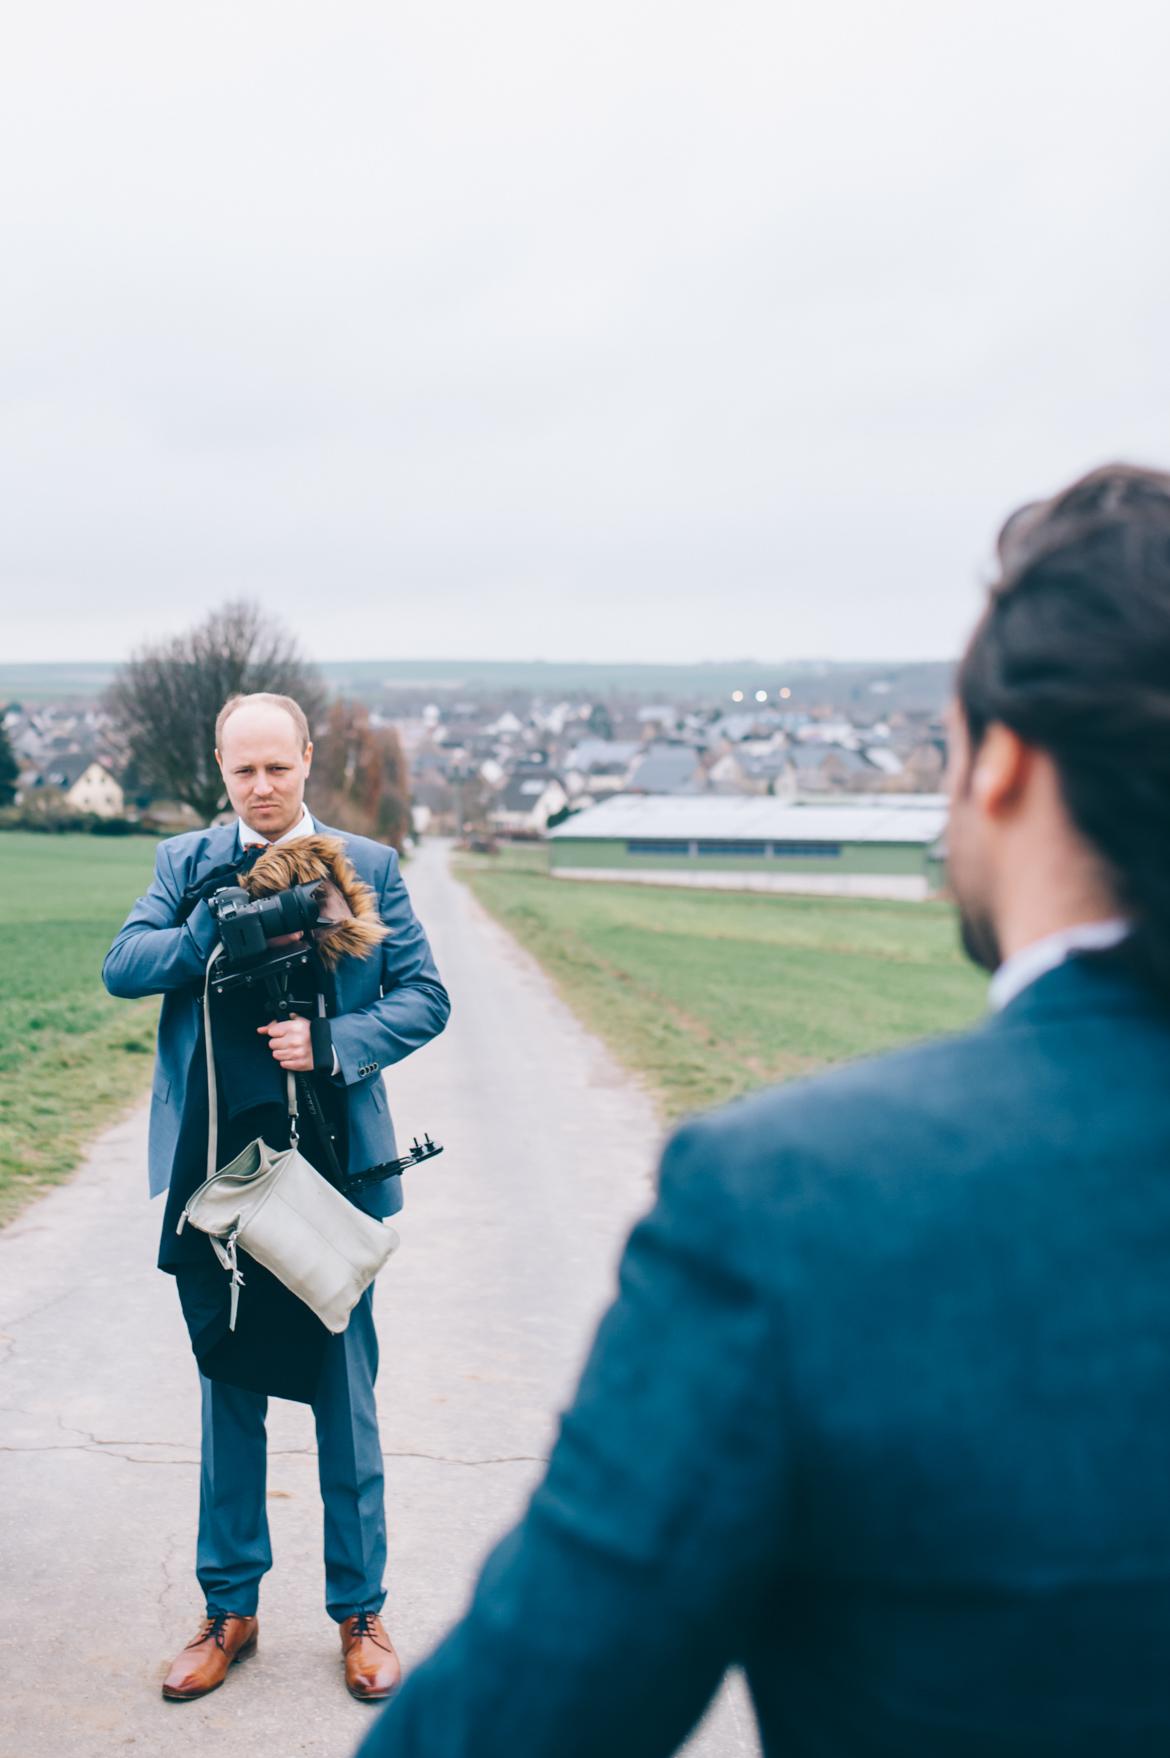 DIY-Hochzeit-koblenz-hoch-21 Tina & Miro DIY Wedding Cafe KostbarDIY Hochzeit koblenz hoch 21